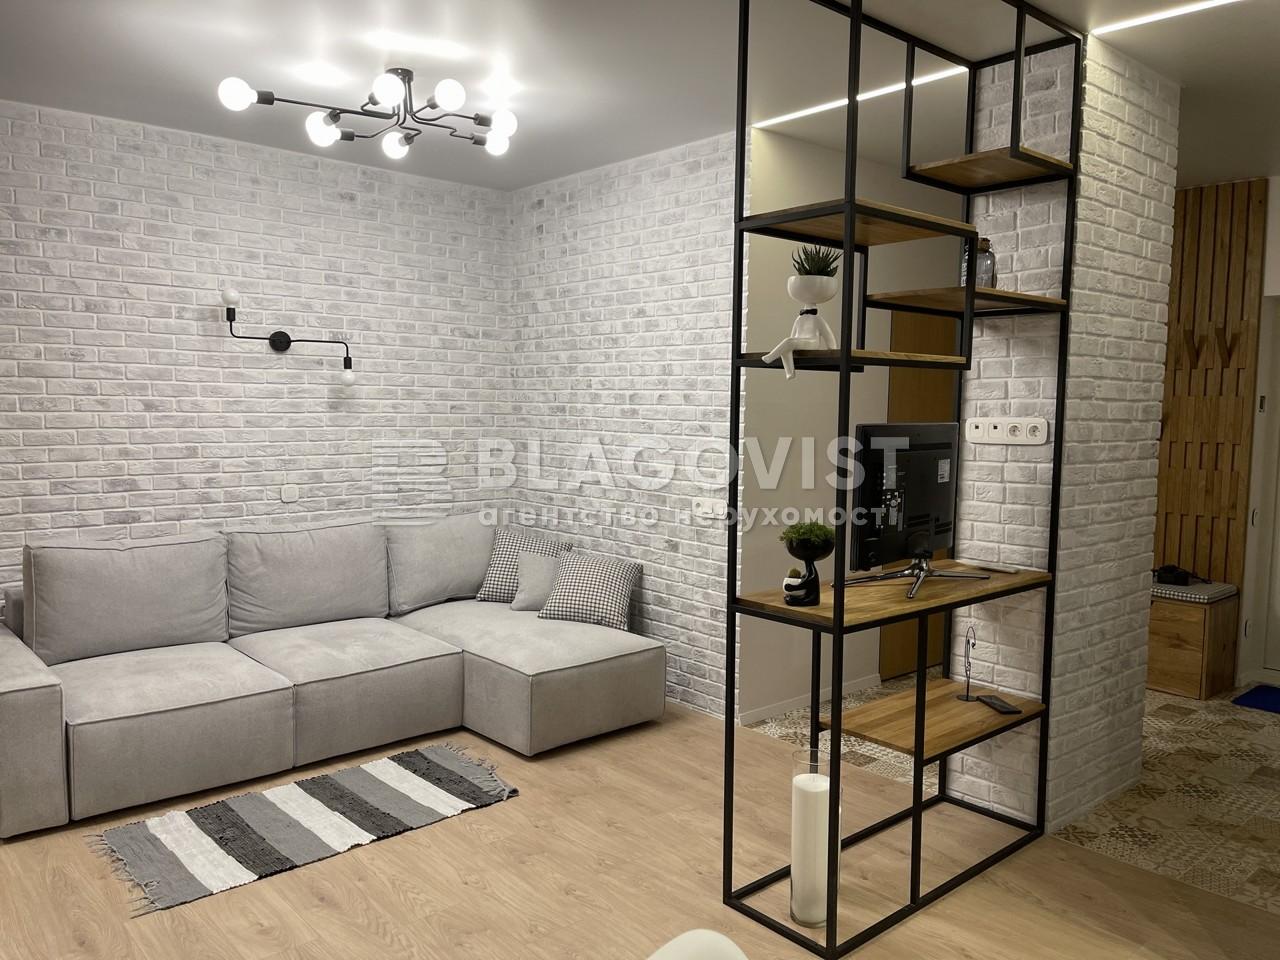 Квартира C-108908, Набережно-Рыбальская, 9, Киев - Фото 7